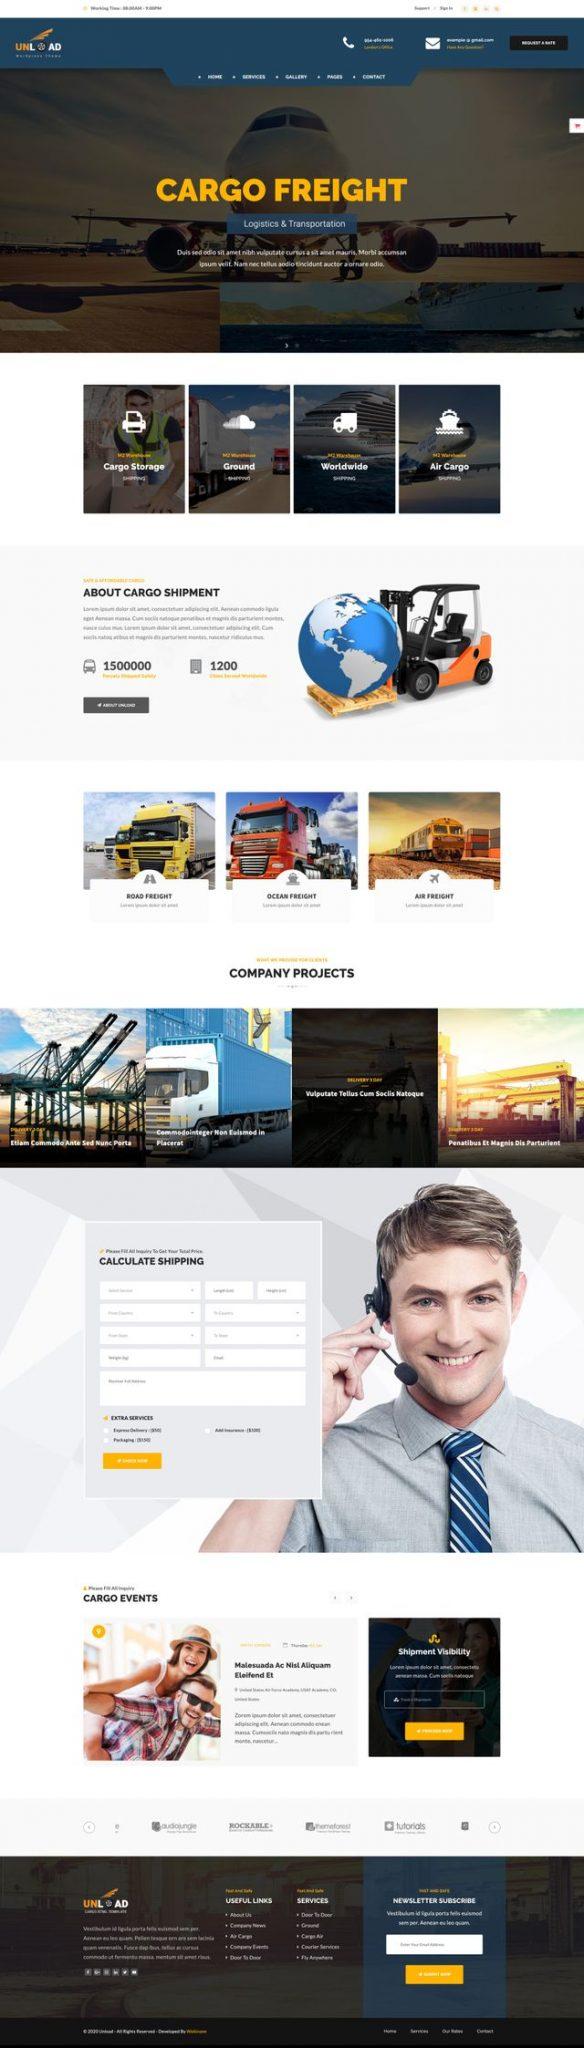 GD0736 – Web Vận Chuyển Giao Nhận Hàng Hóa Cargo